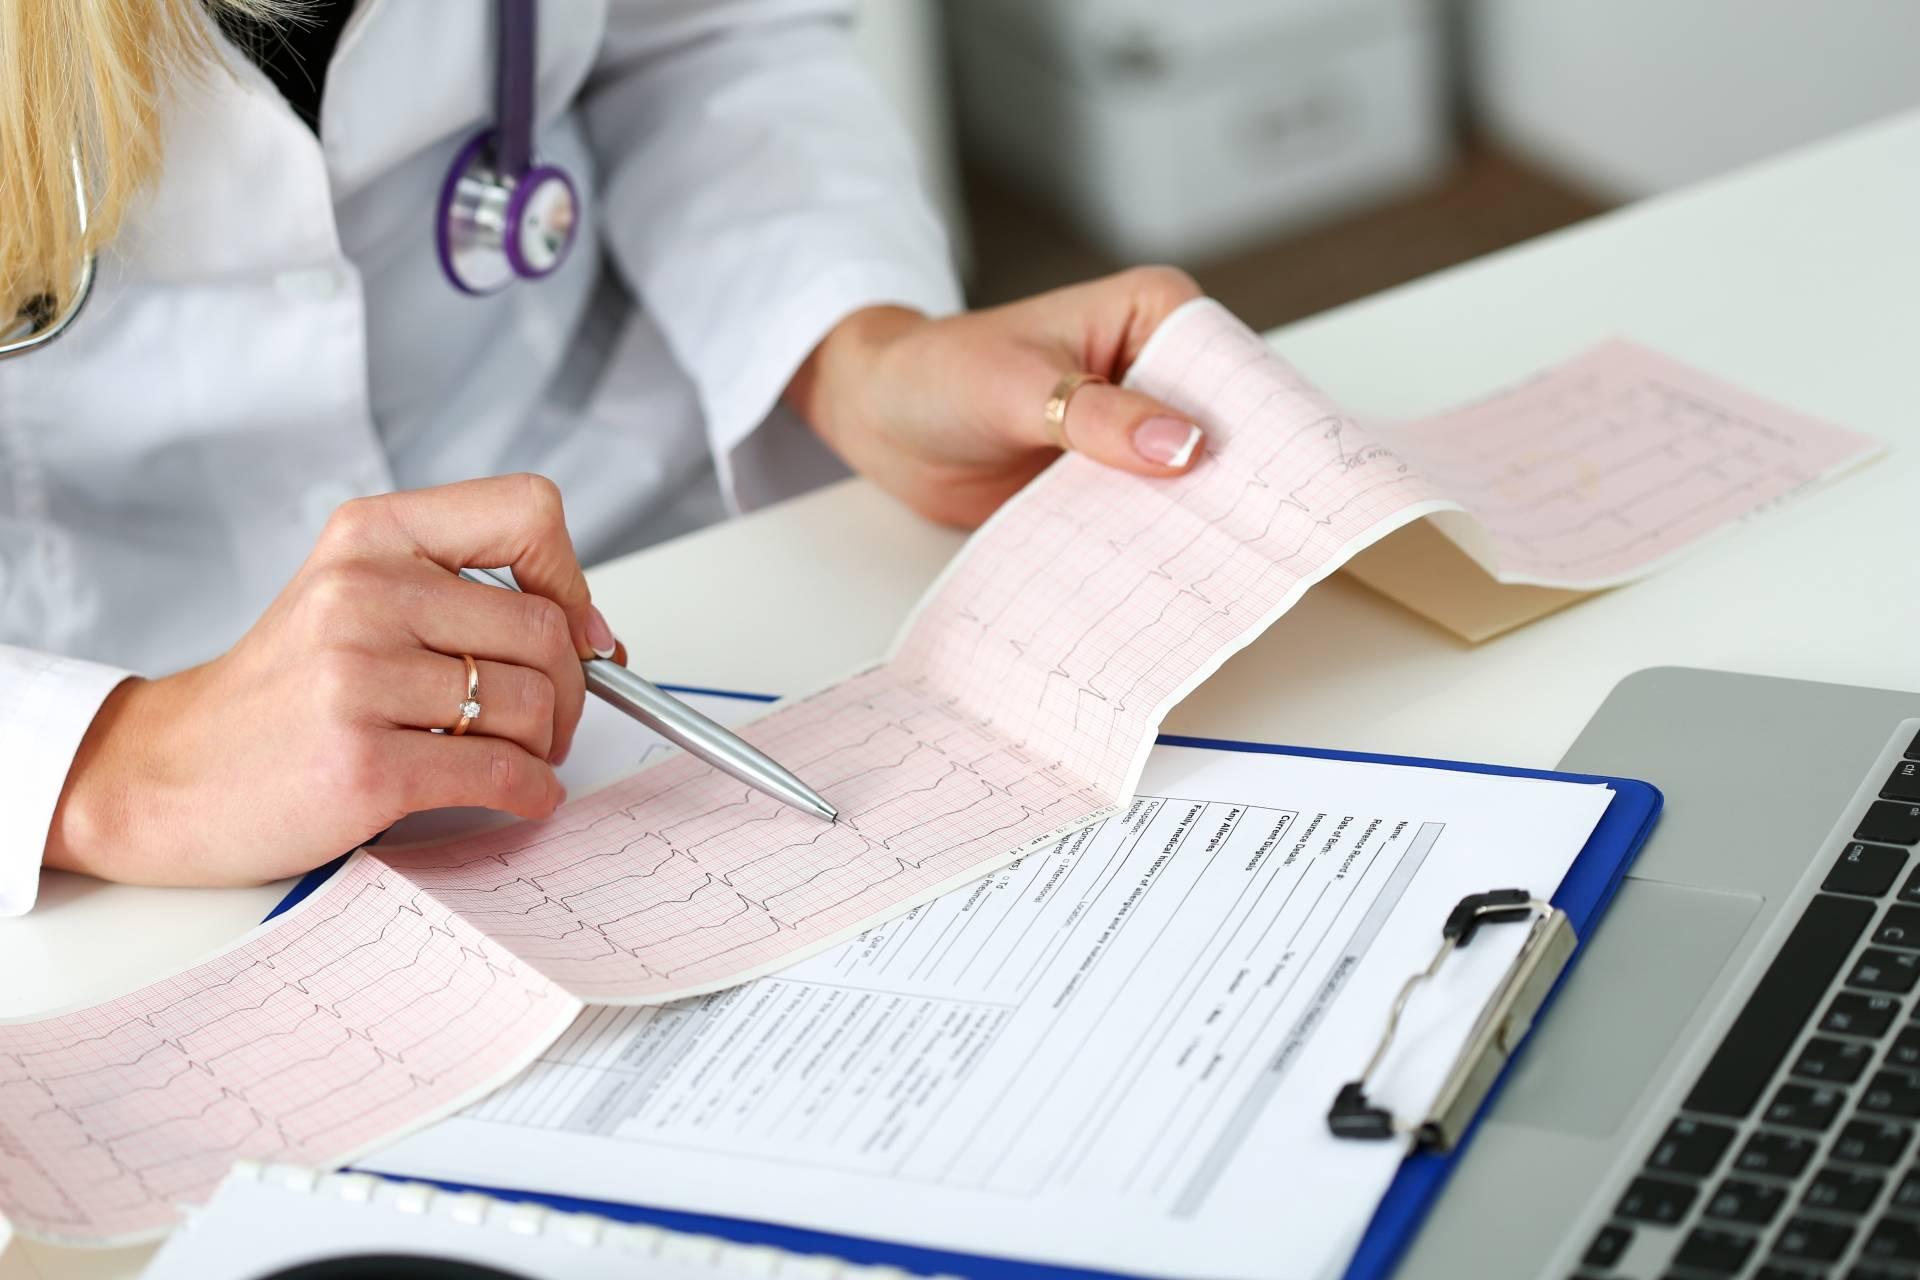 Nadciśnienie i choroby układu krążenia - choroby współistniejące a koronawirus